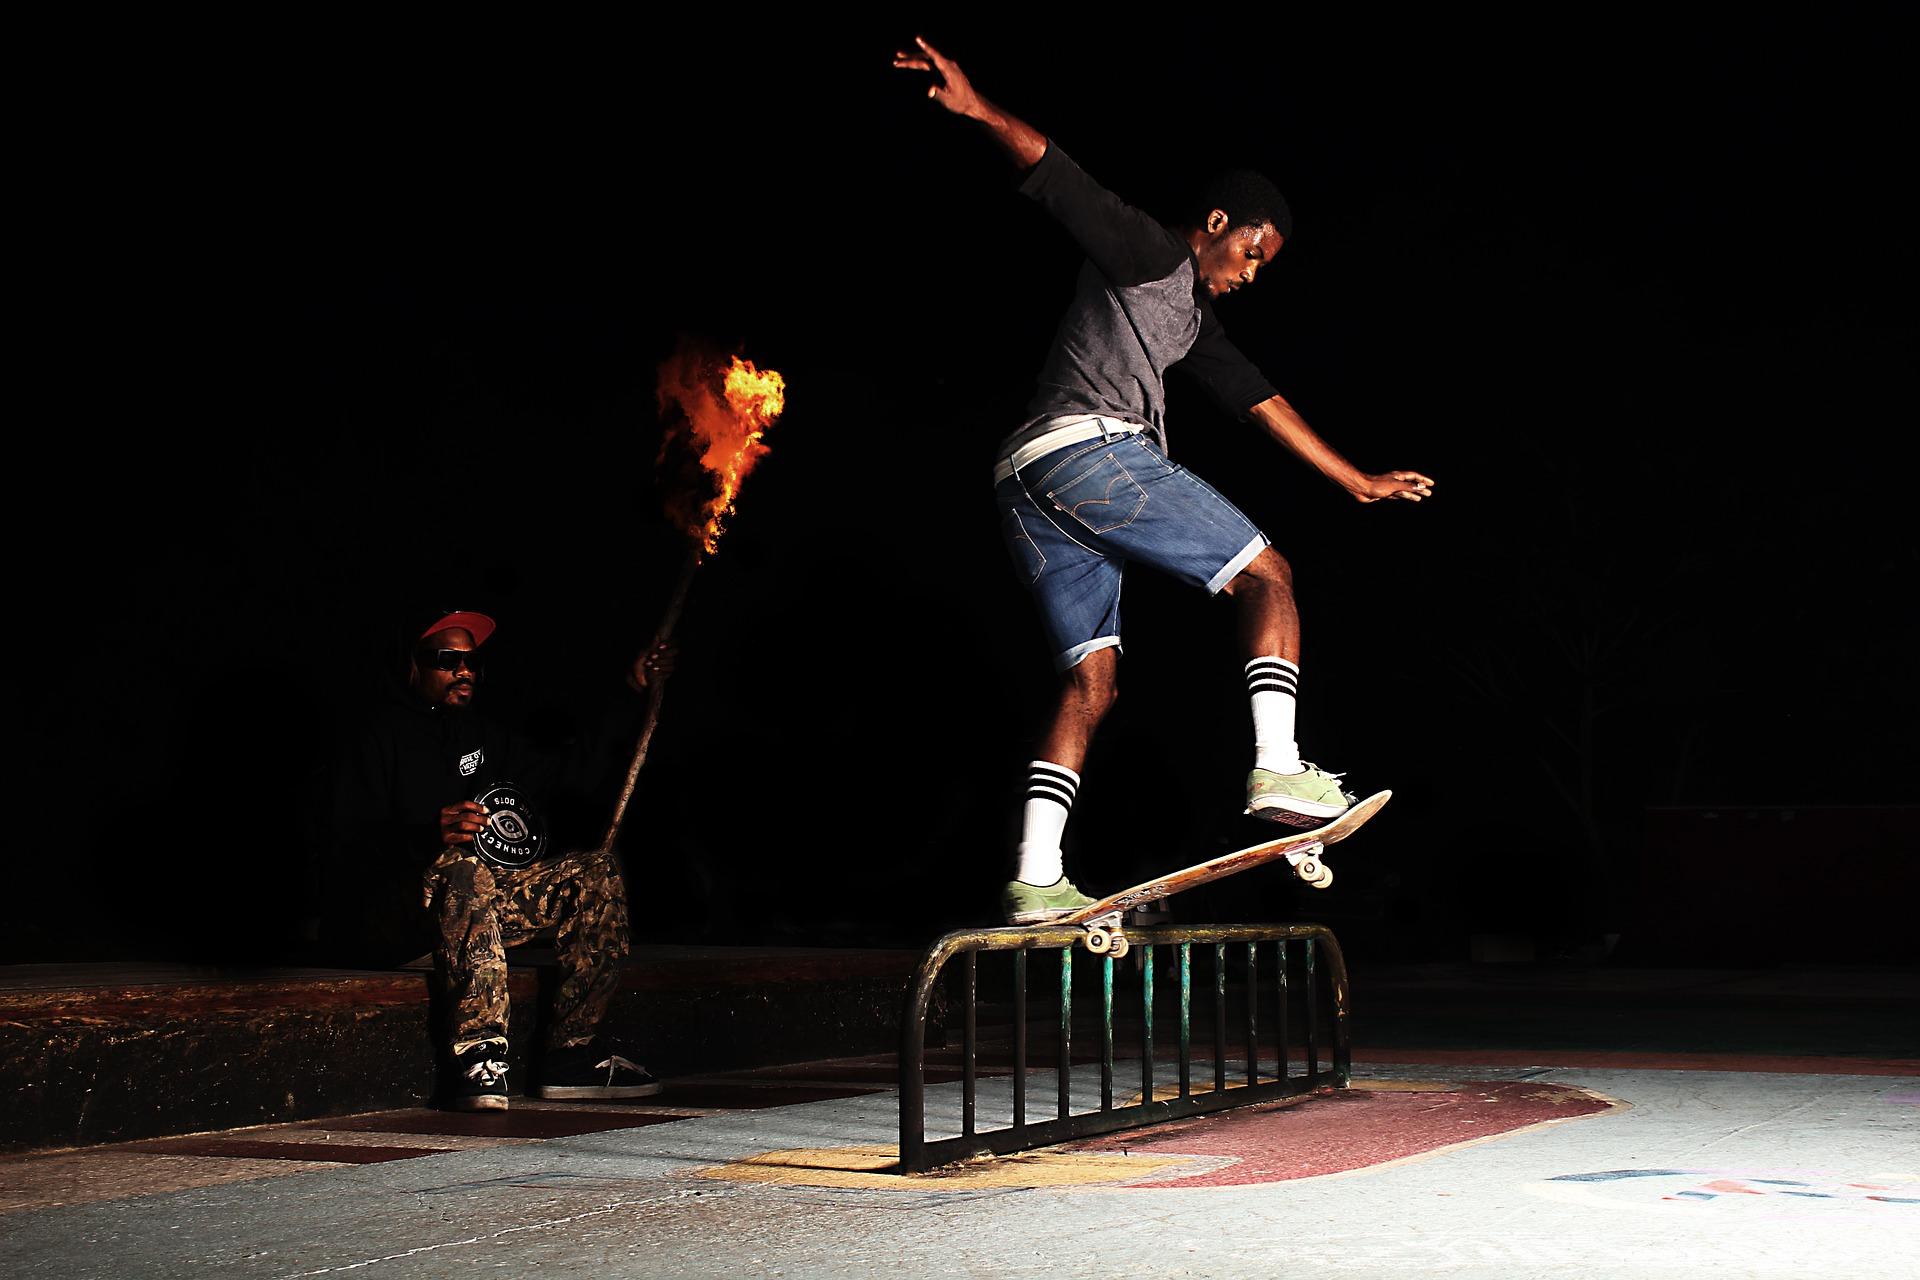 skateboarding-983347_1920